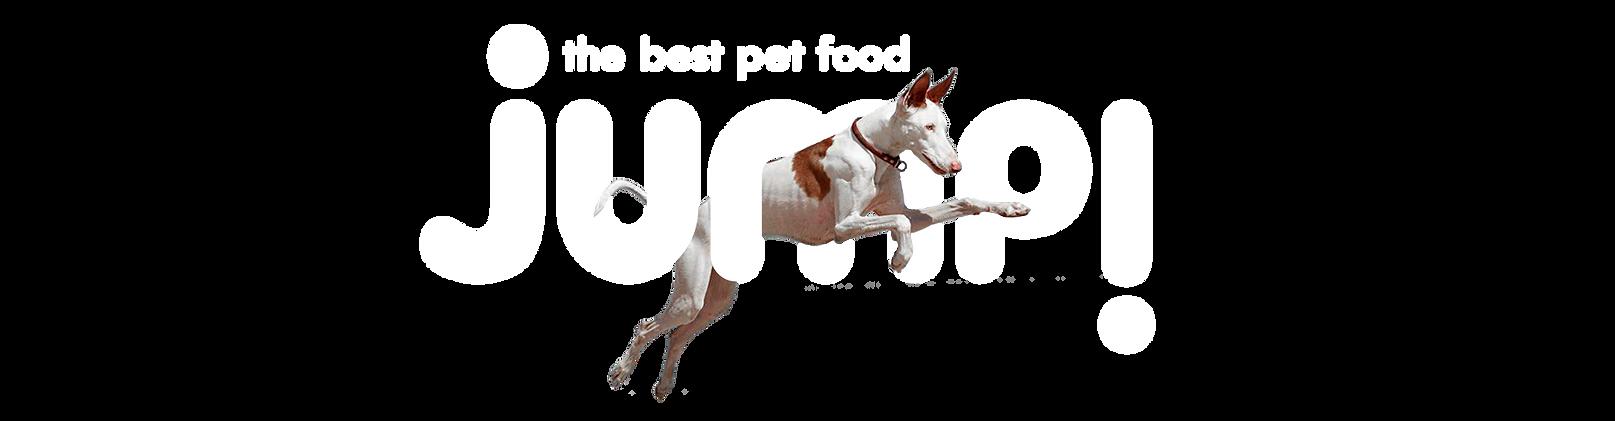 logo dog1.png